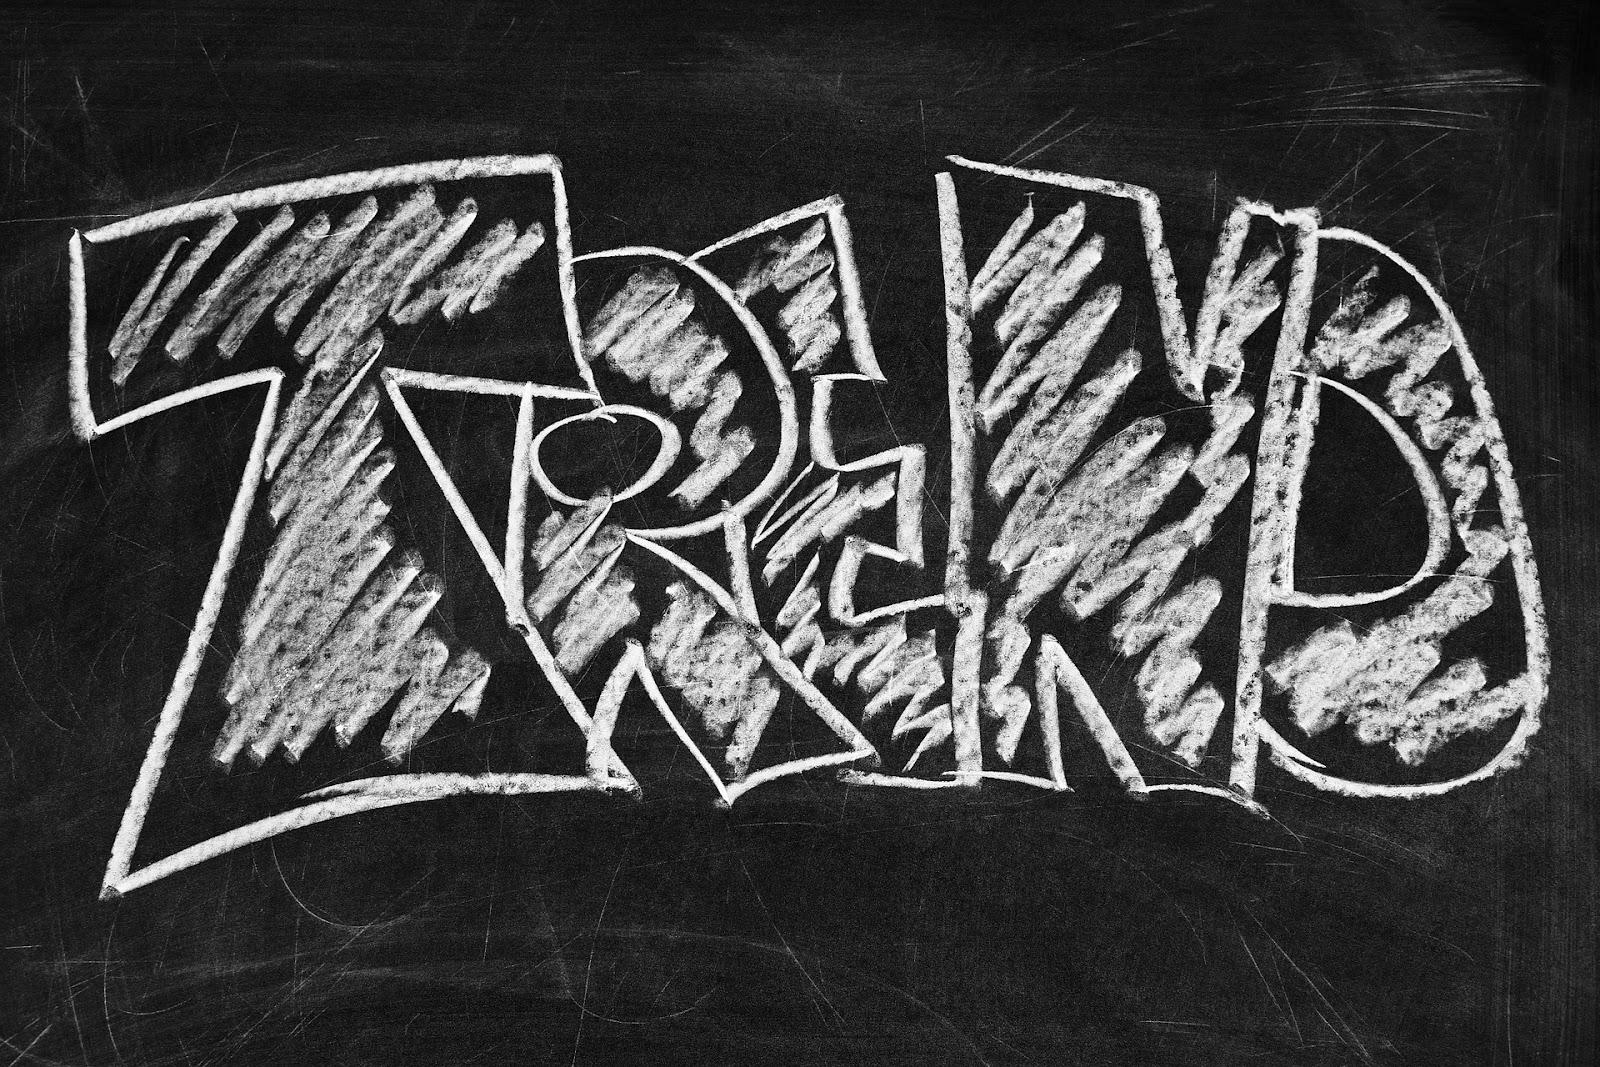 המילה TREND כתובה על לוח גיר